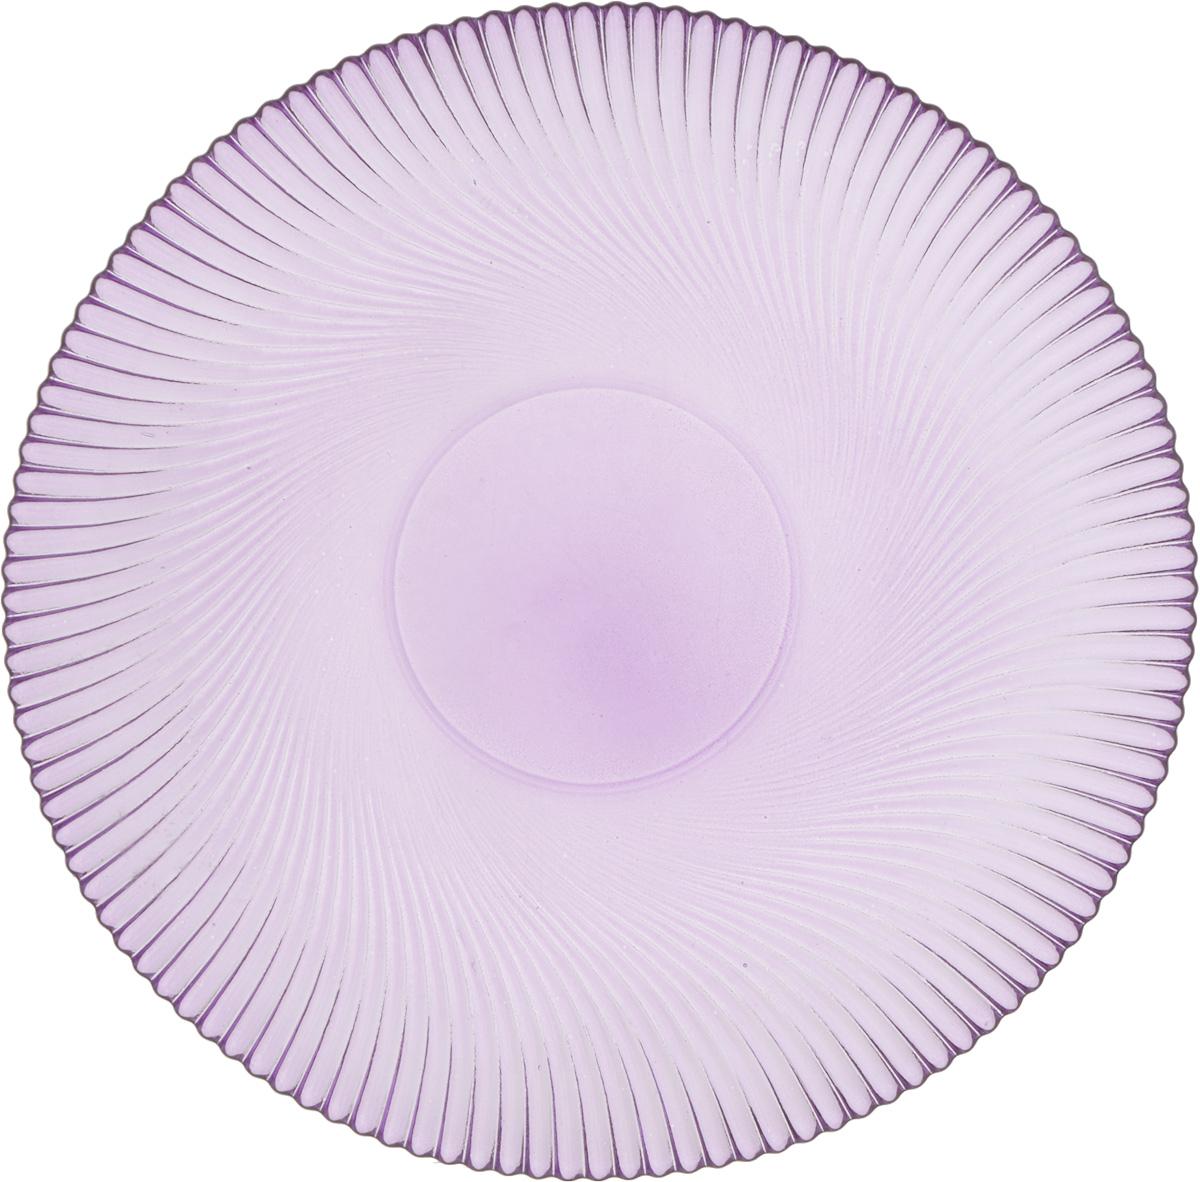 Тарелка NiNaGlass Альтера, цвет: сиреневый, диаметр 26 см83-067-Ф260 СИРТарелка NiNaGlass Альтера выполнена из высококачественного стекла и имеет рельефную поверхность. Она прекрасно впишется в интерьер вашей кухни и станет достойным дополнением к кухонному инвентарю. Не рекомендуется использовать в микроволновой печи и мыть в посудомоечной машине.